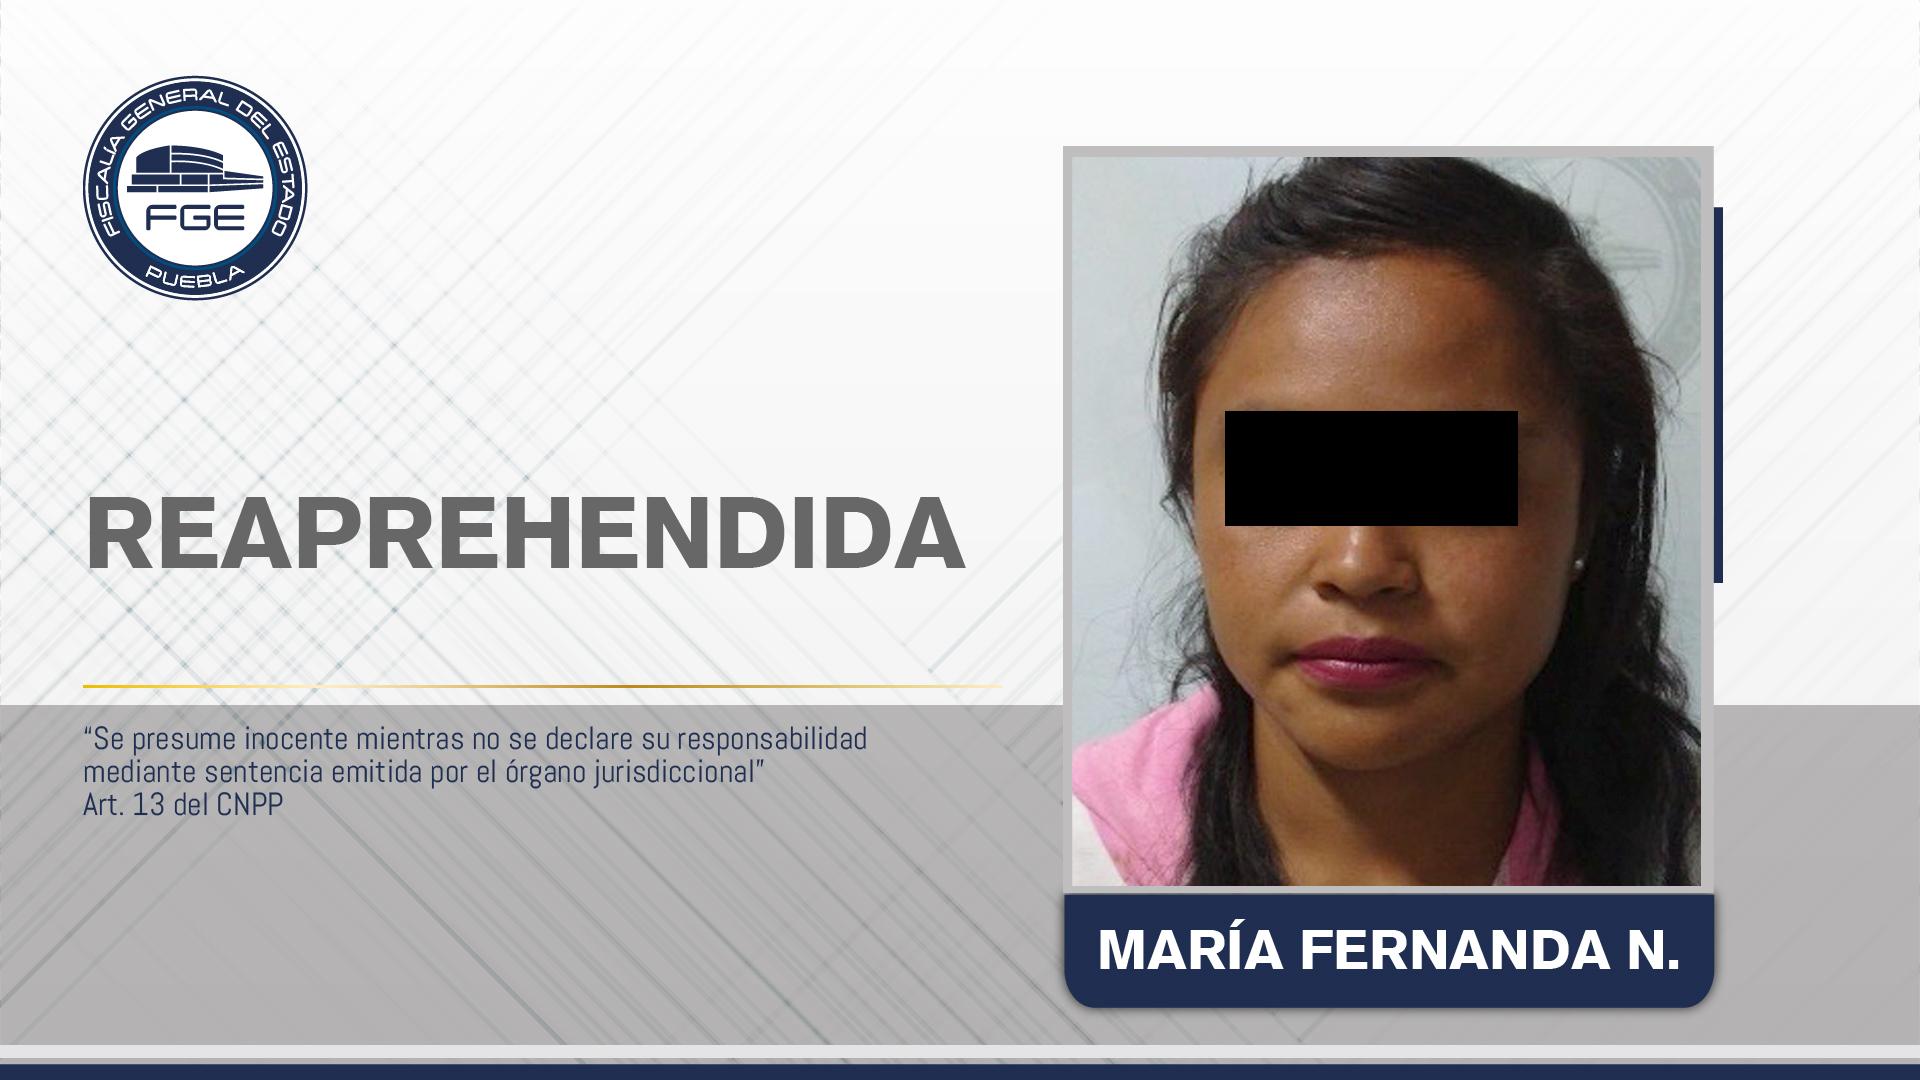 Cae jovencita que raptó a niño en Tepeaca